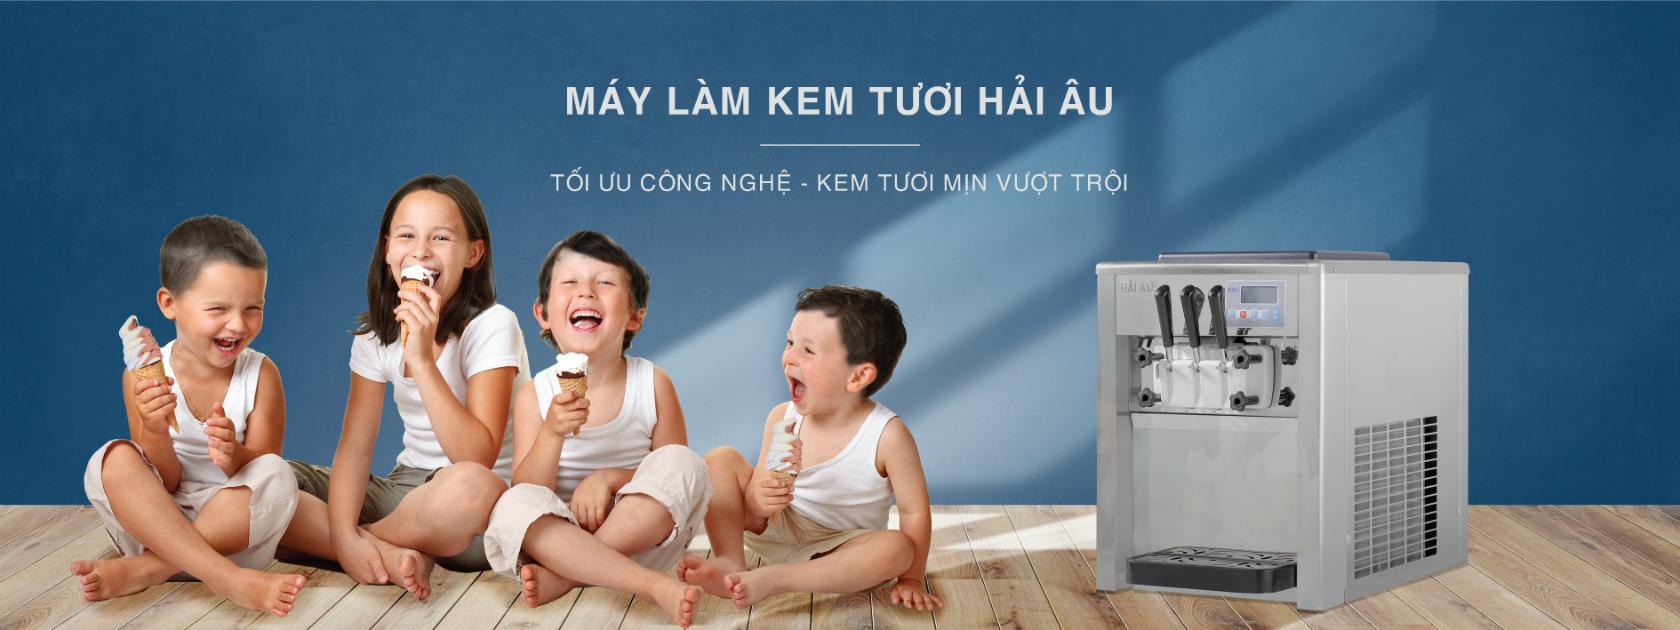 may-lam-kem-tuoi-hai-au